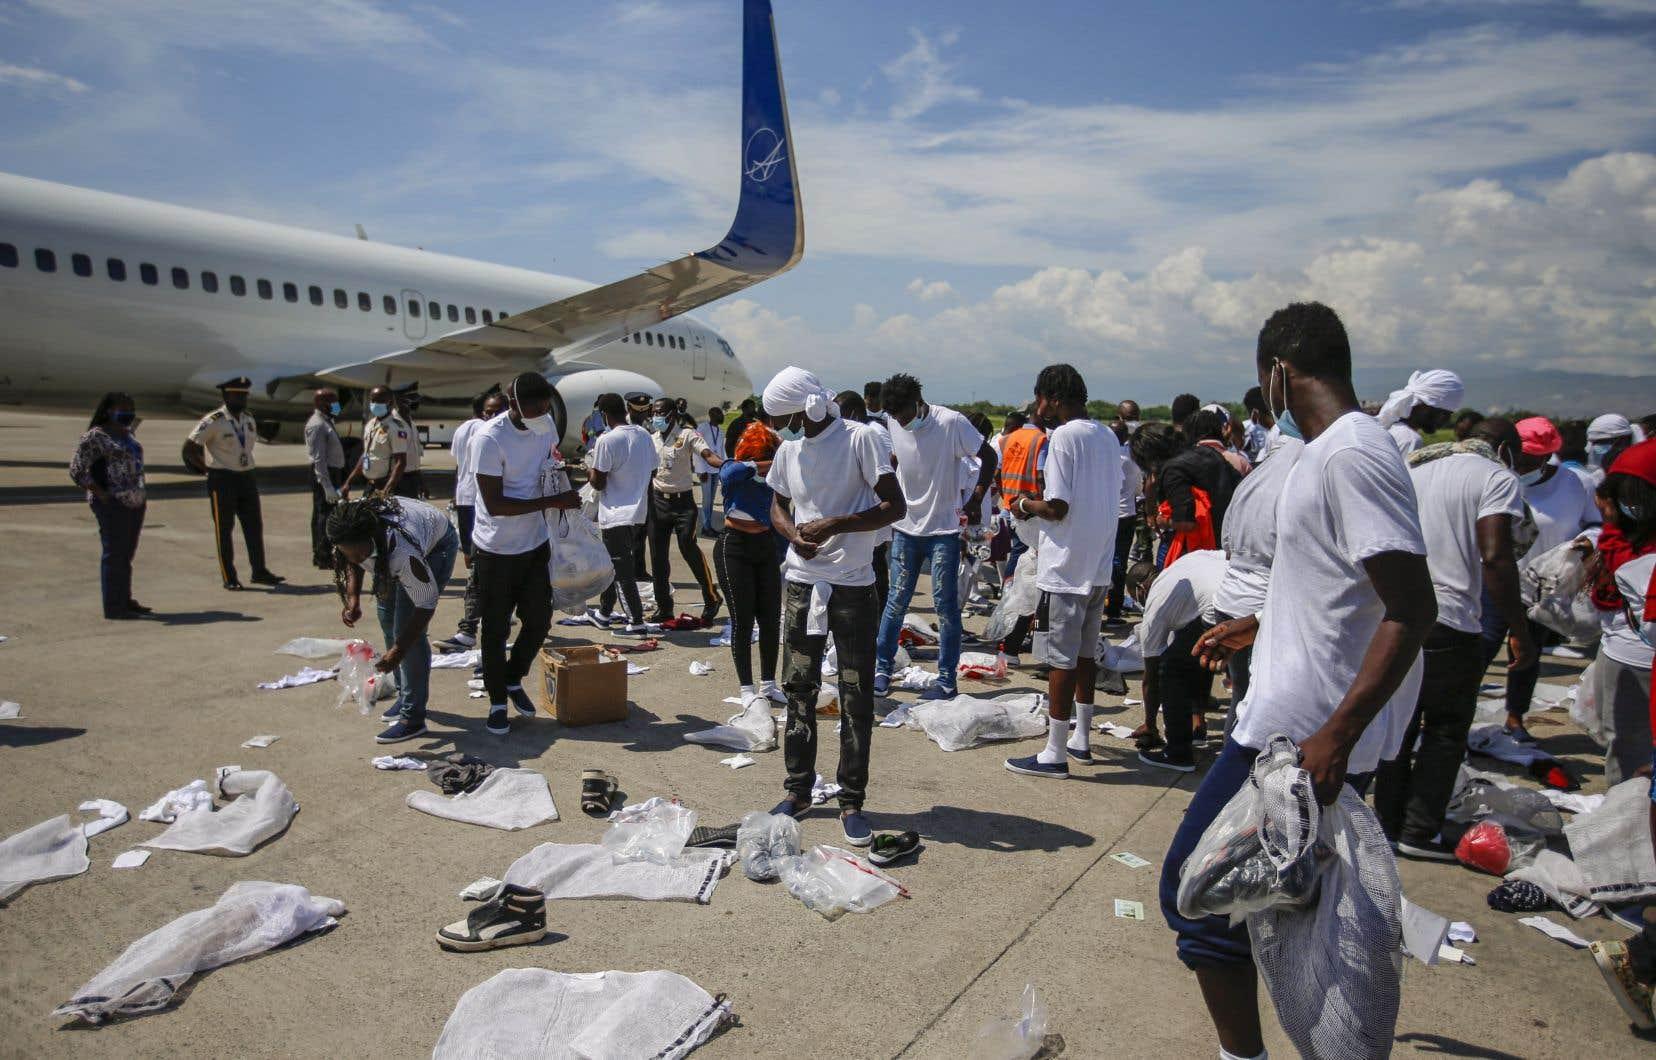 Des Haïtiens expulsés des États-Unis récupèrent leurs biens éparpillés sur le tarmac de l'aéroport Toussaint Louverture à Port-au-Prince, Haïti, le 21 septembre 2021.